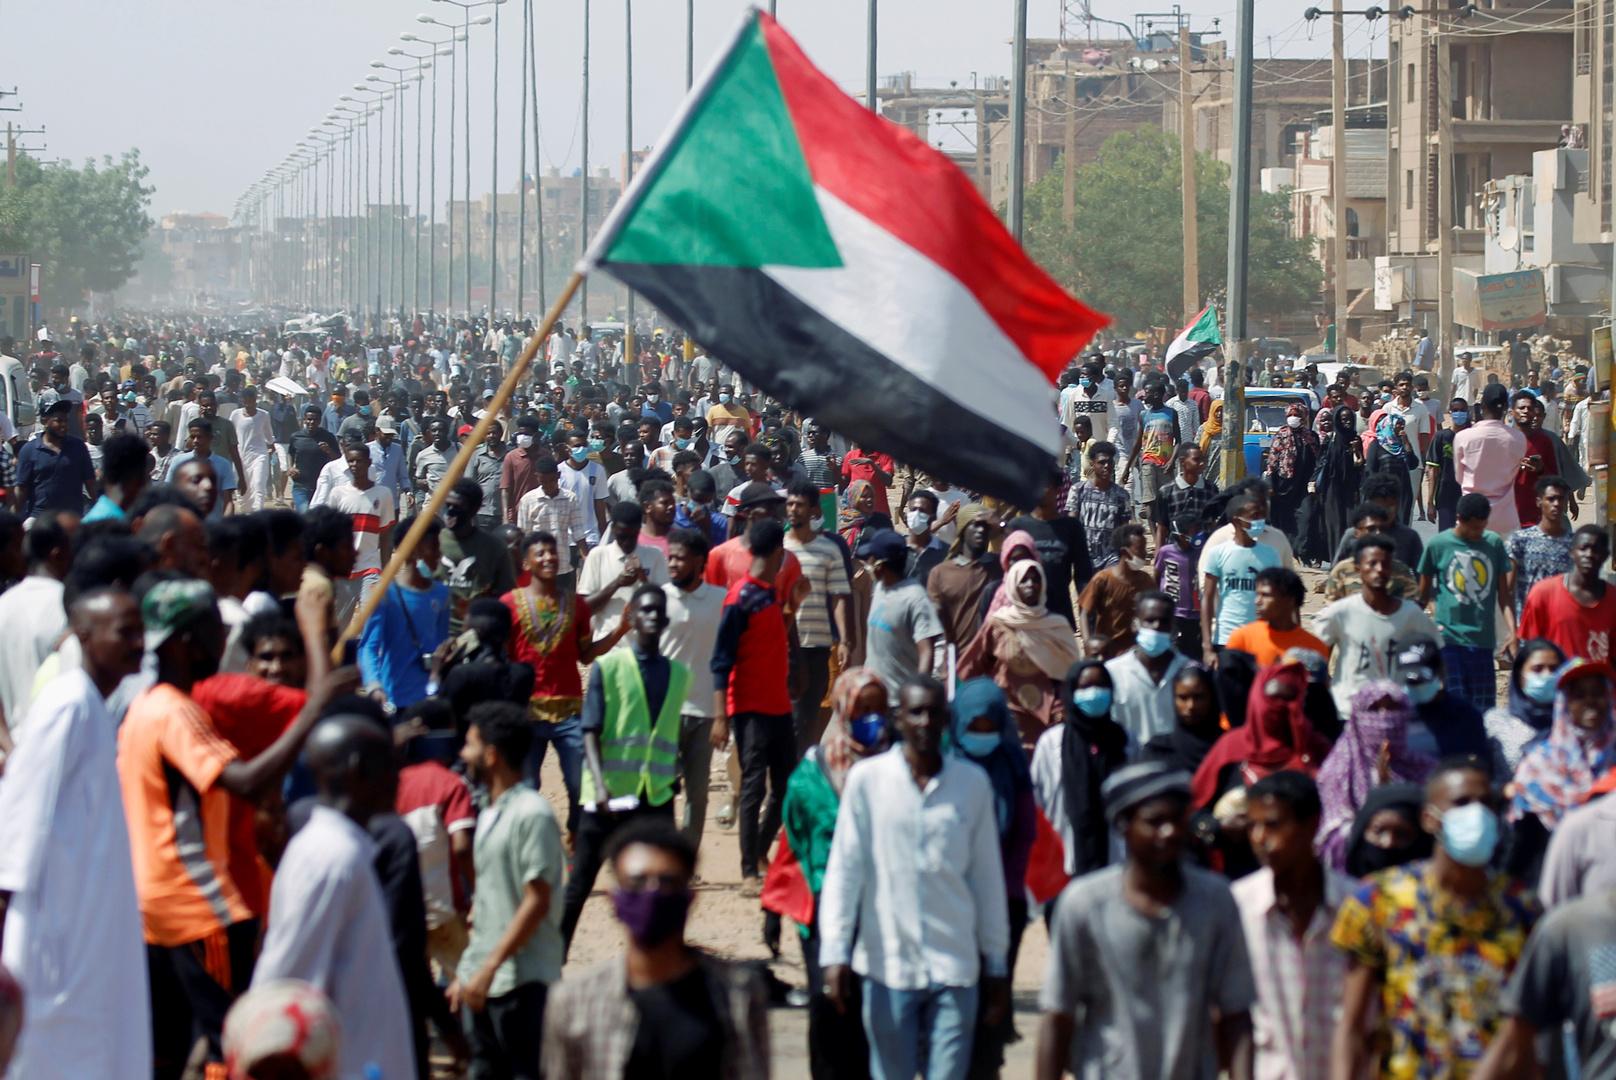 السودان.. التوصل لاتفاق يمنح 75 مقعدا في المجلس التشريعي للحركات المسلحة